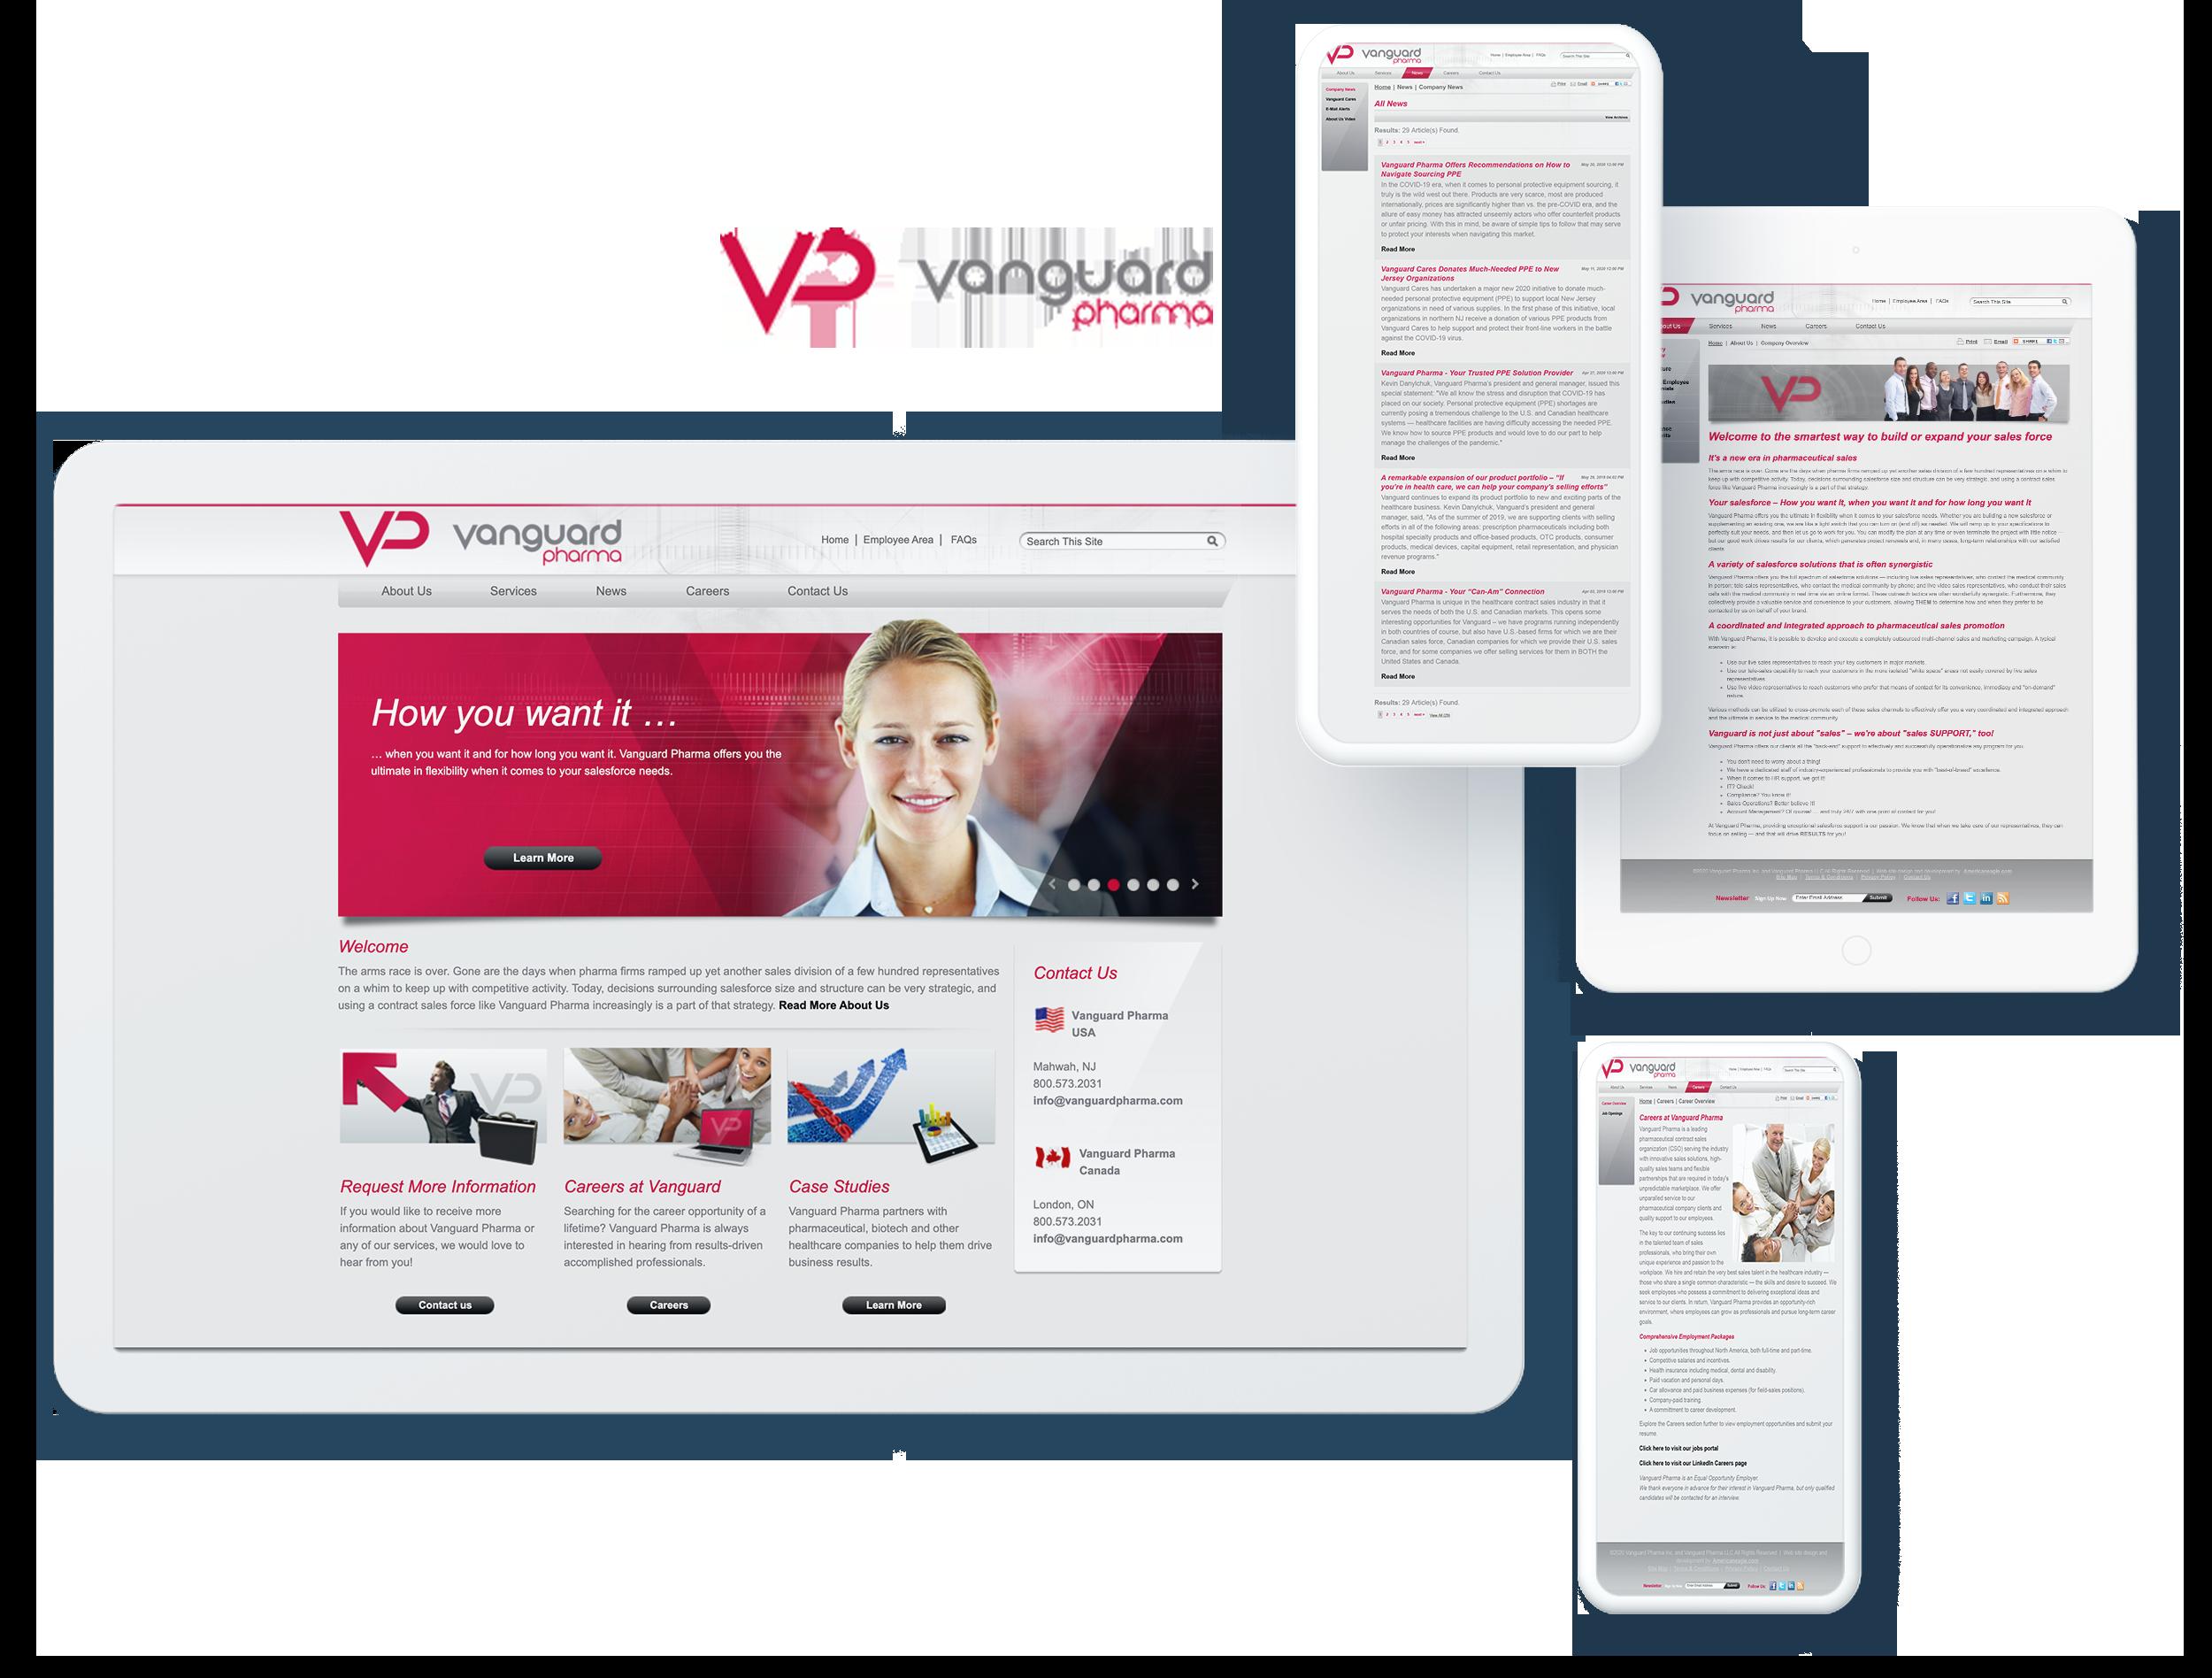 vanguard pharma spotlight